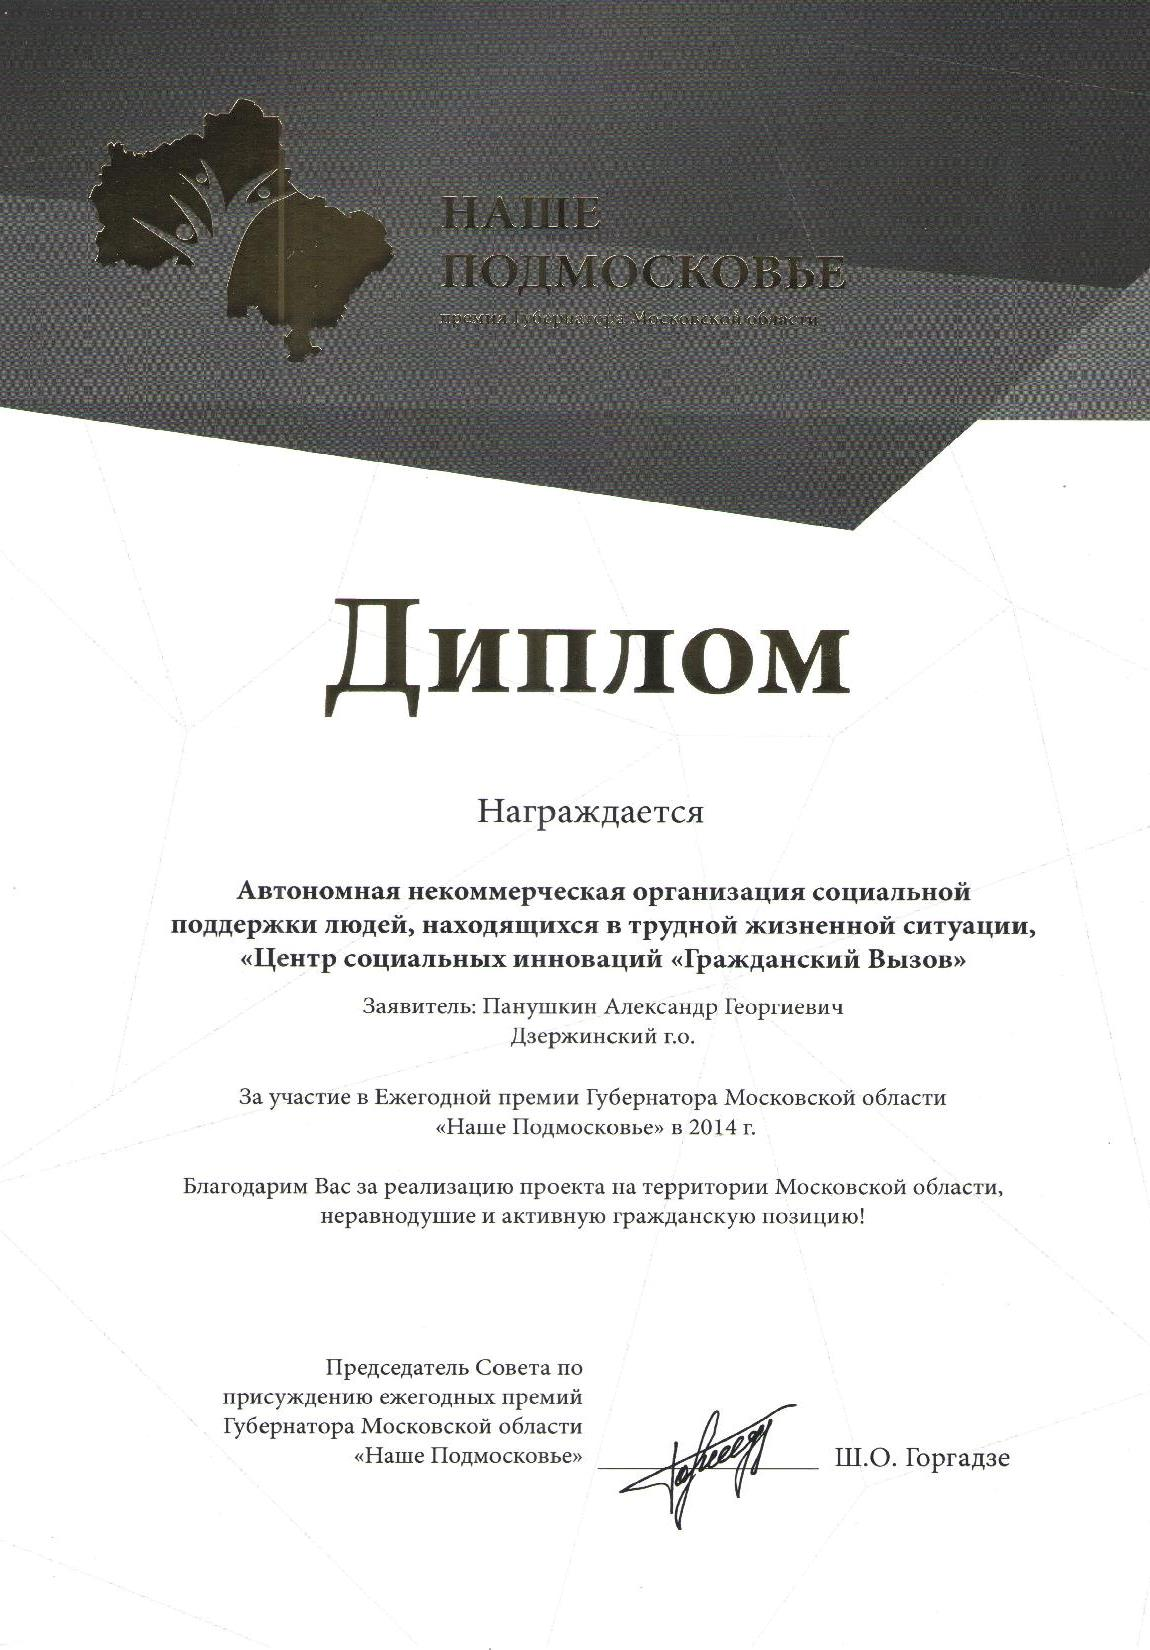 Диплом конкурса Наше Подмосковье